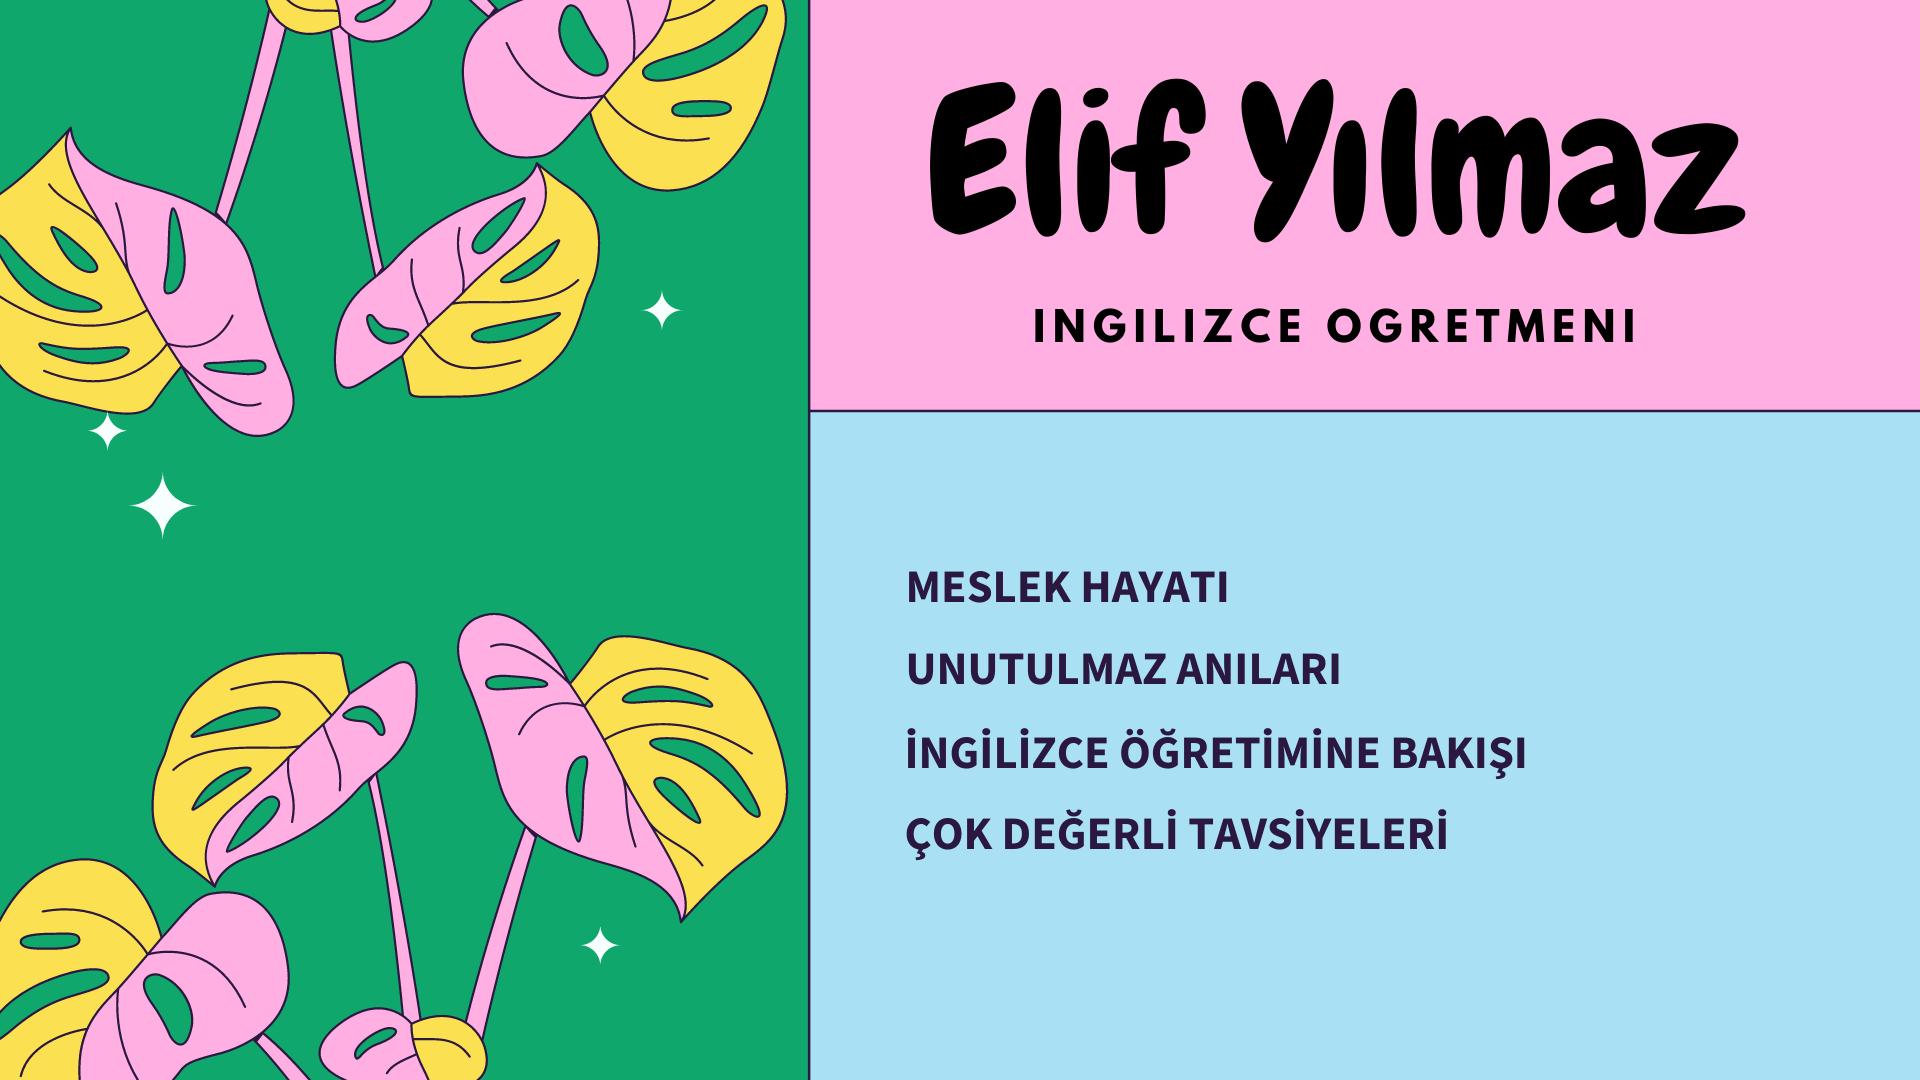 eBabil Yazarlarıyla Röportaj Serisi 1. Bölüm: ELİF YILMAZ